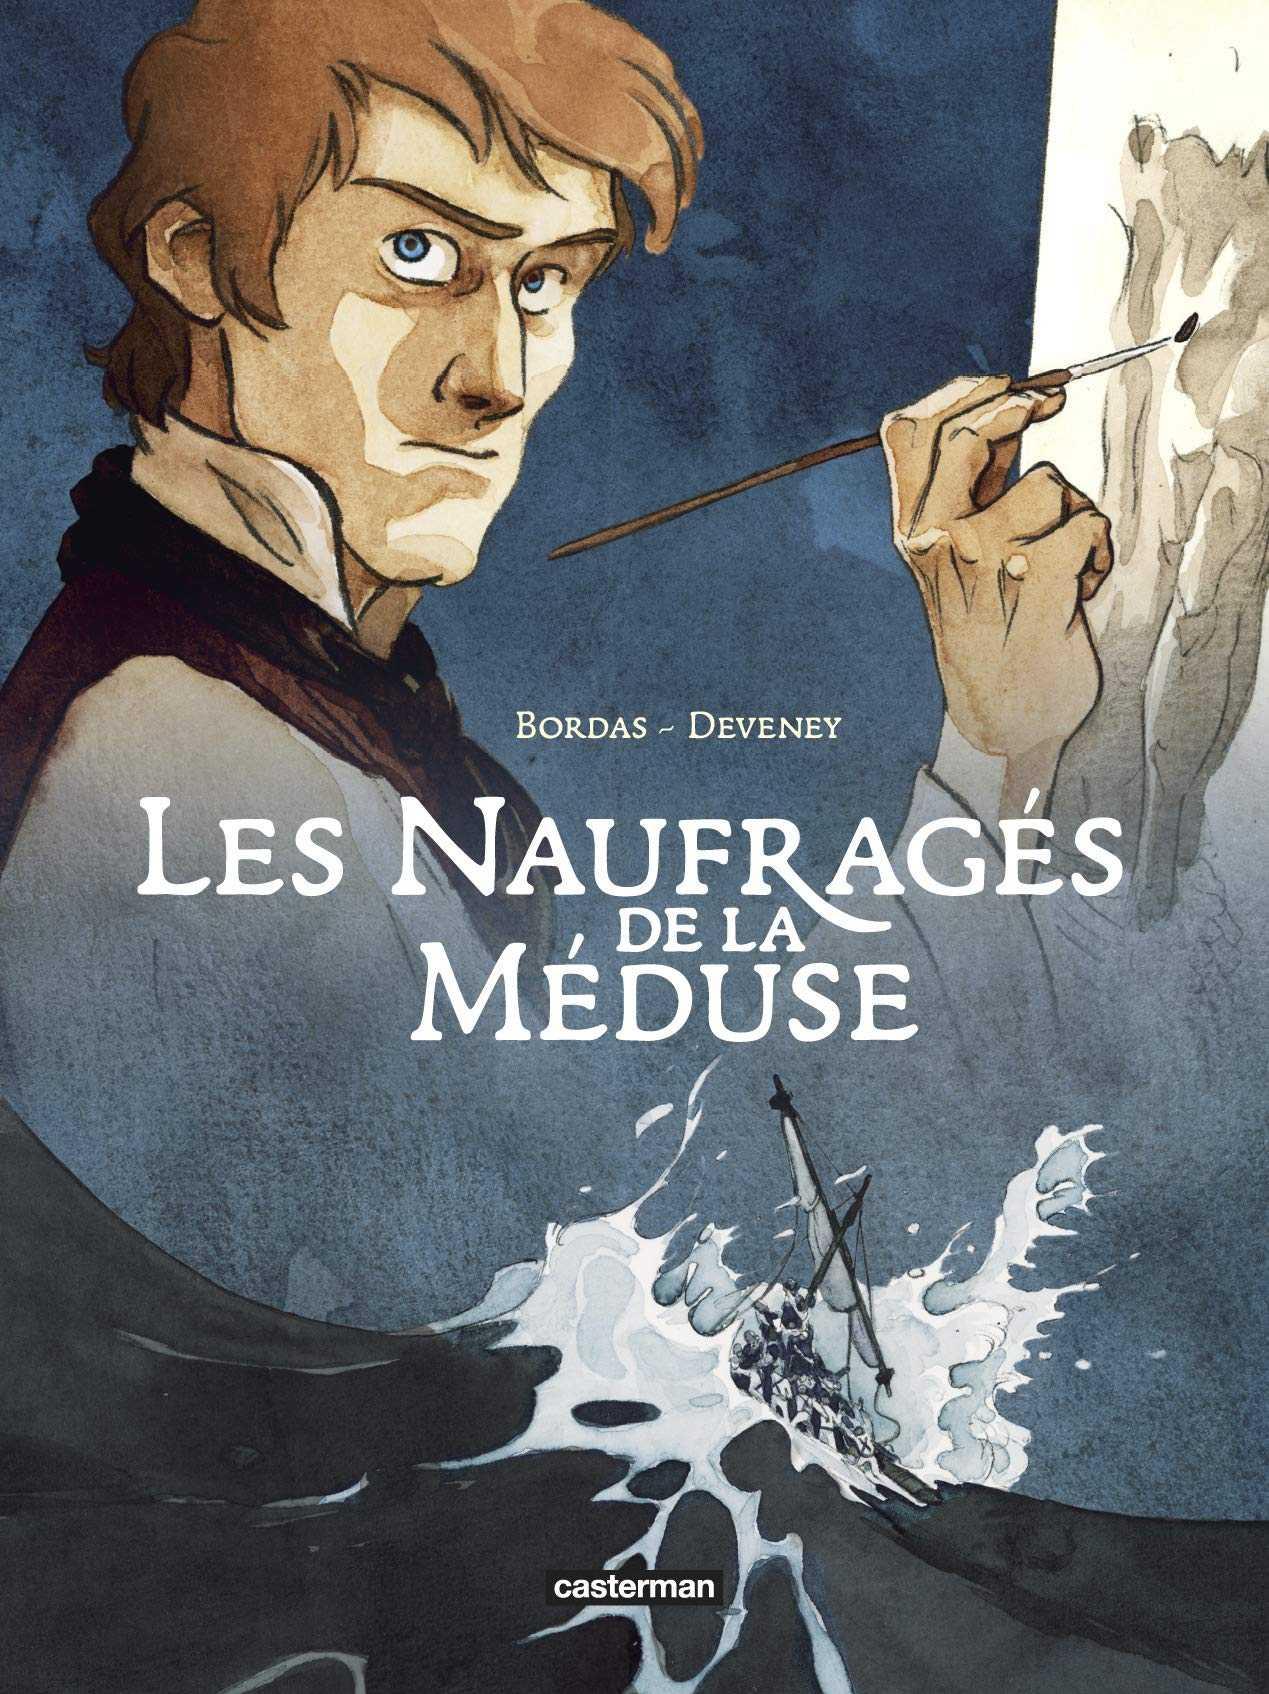 Les Naufragés de la Méduse, le témoignage sublime de Géricault remis en lumière par Deveney et Bordas